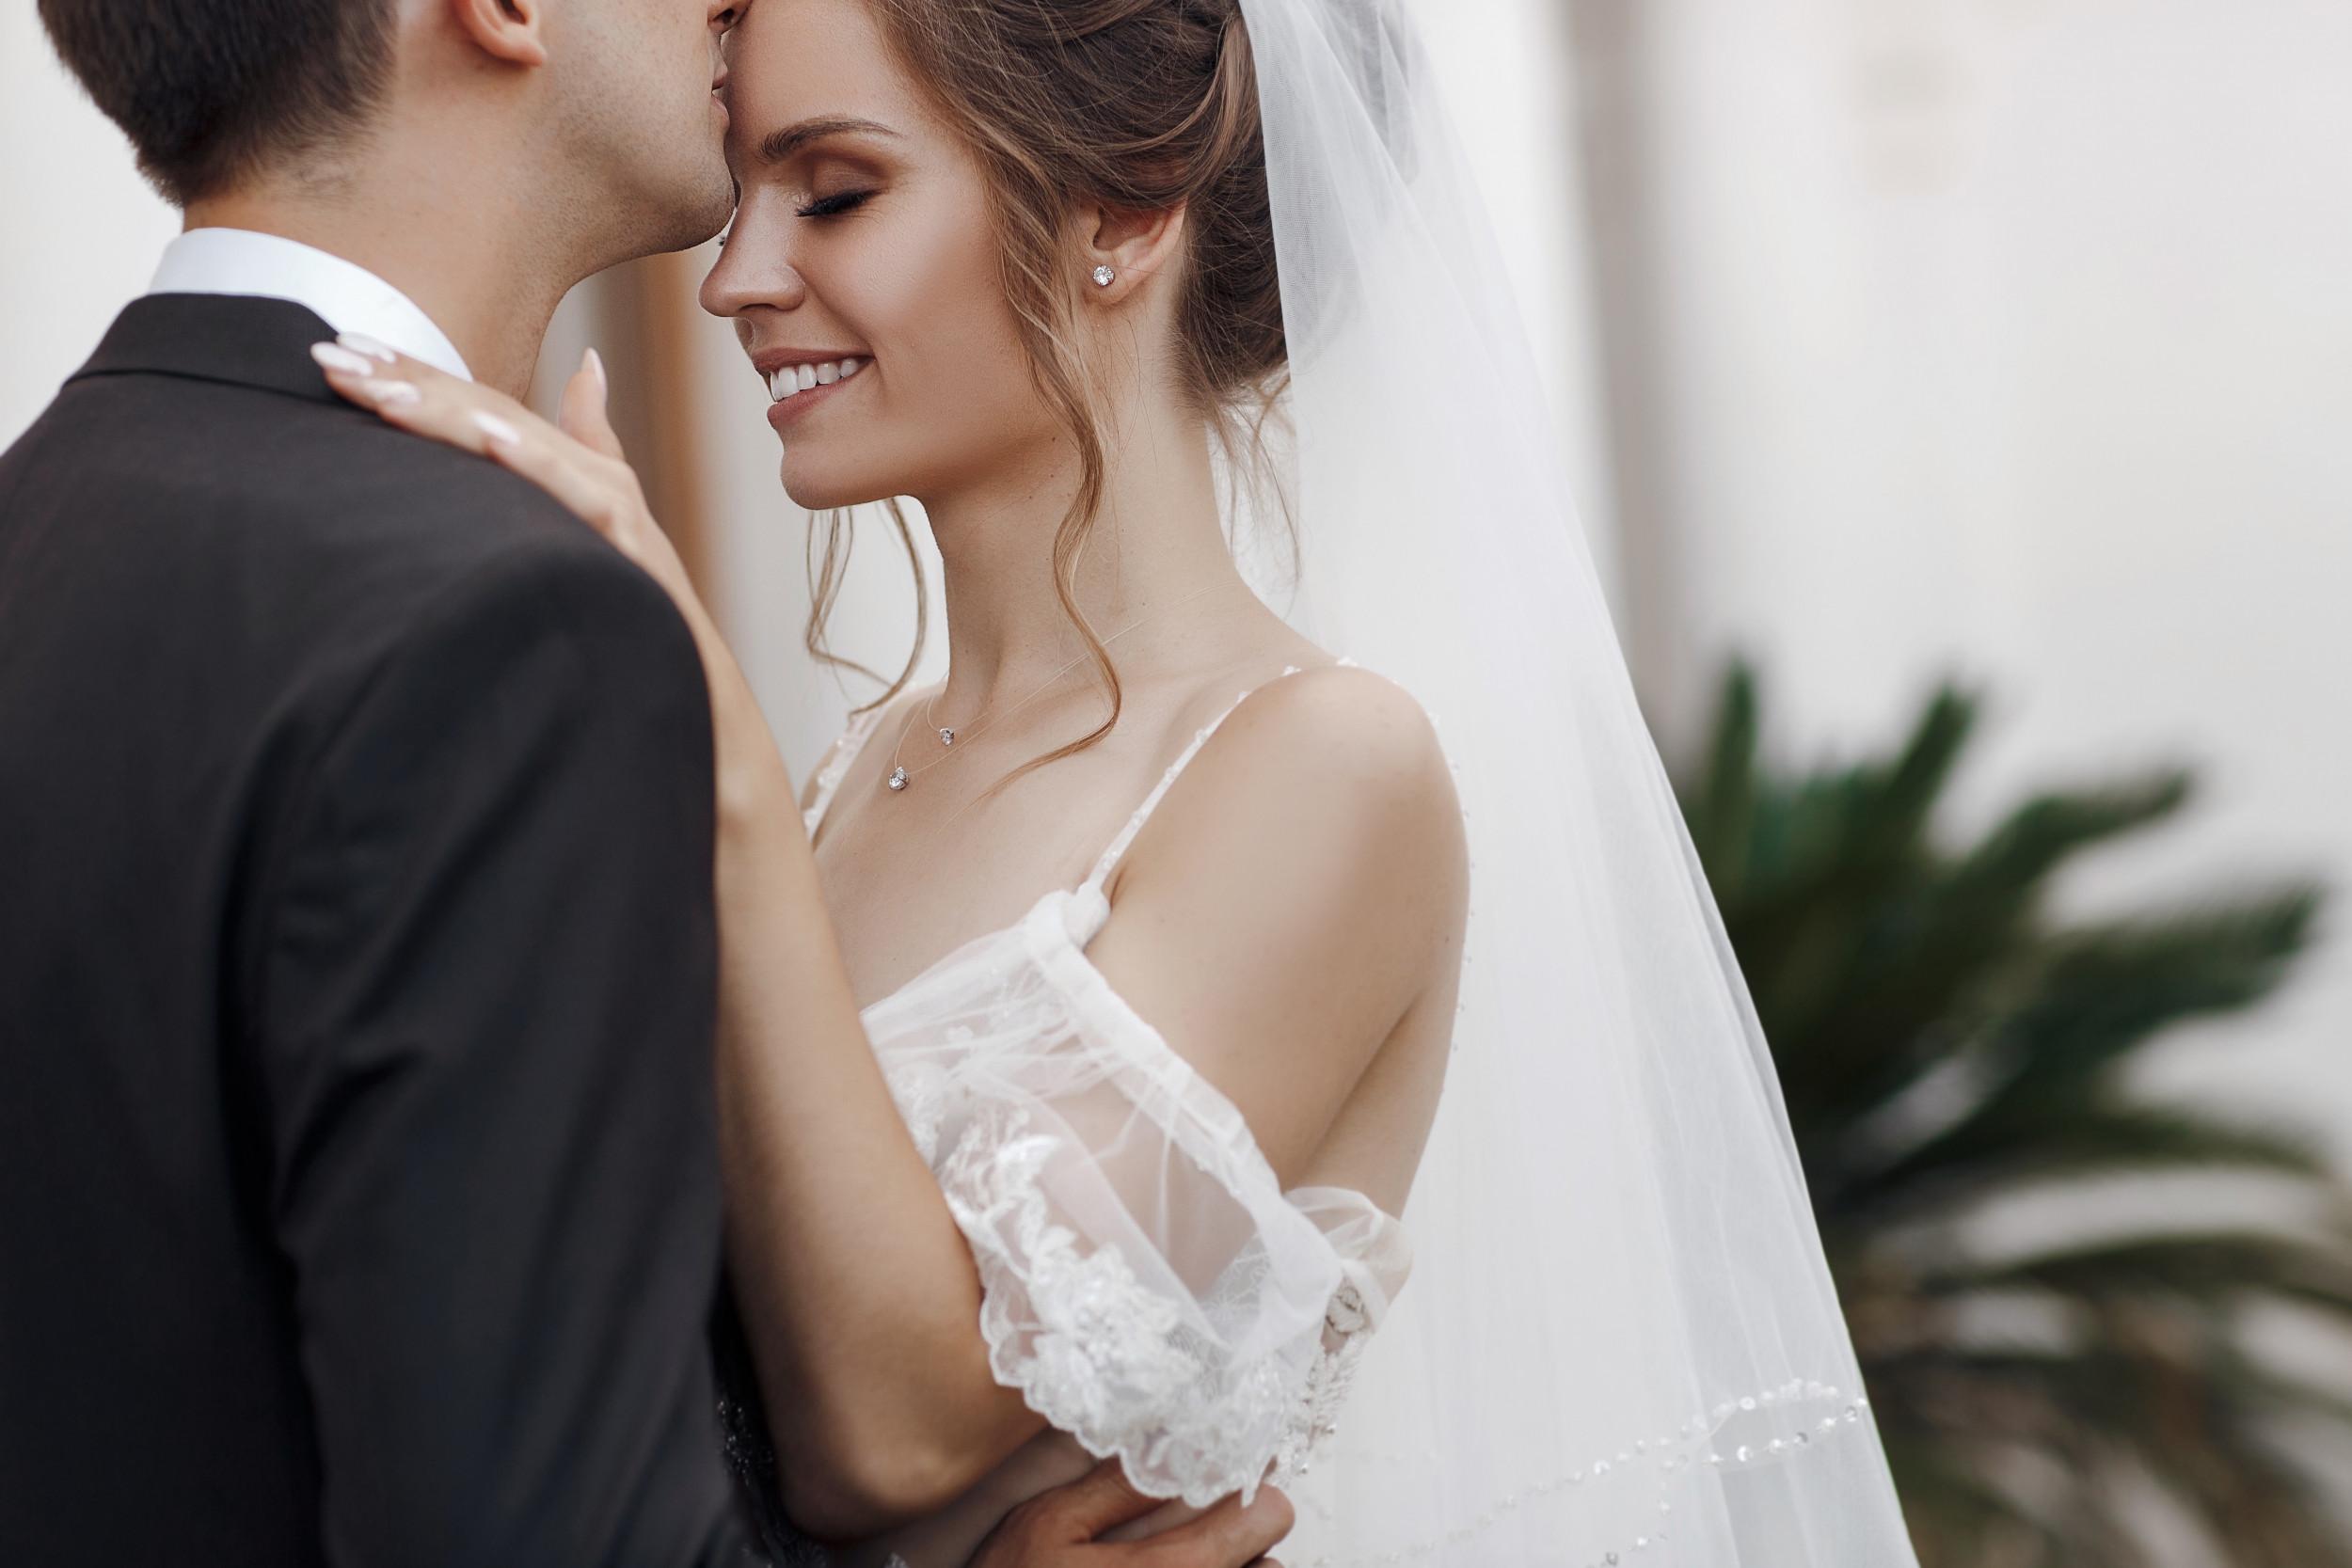 Man Hides Under Bride's Wedding Dress to Help Her Walk Amid Strong ...